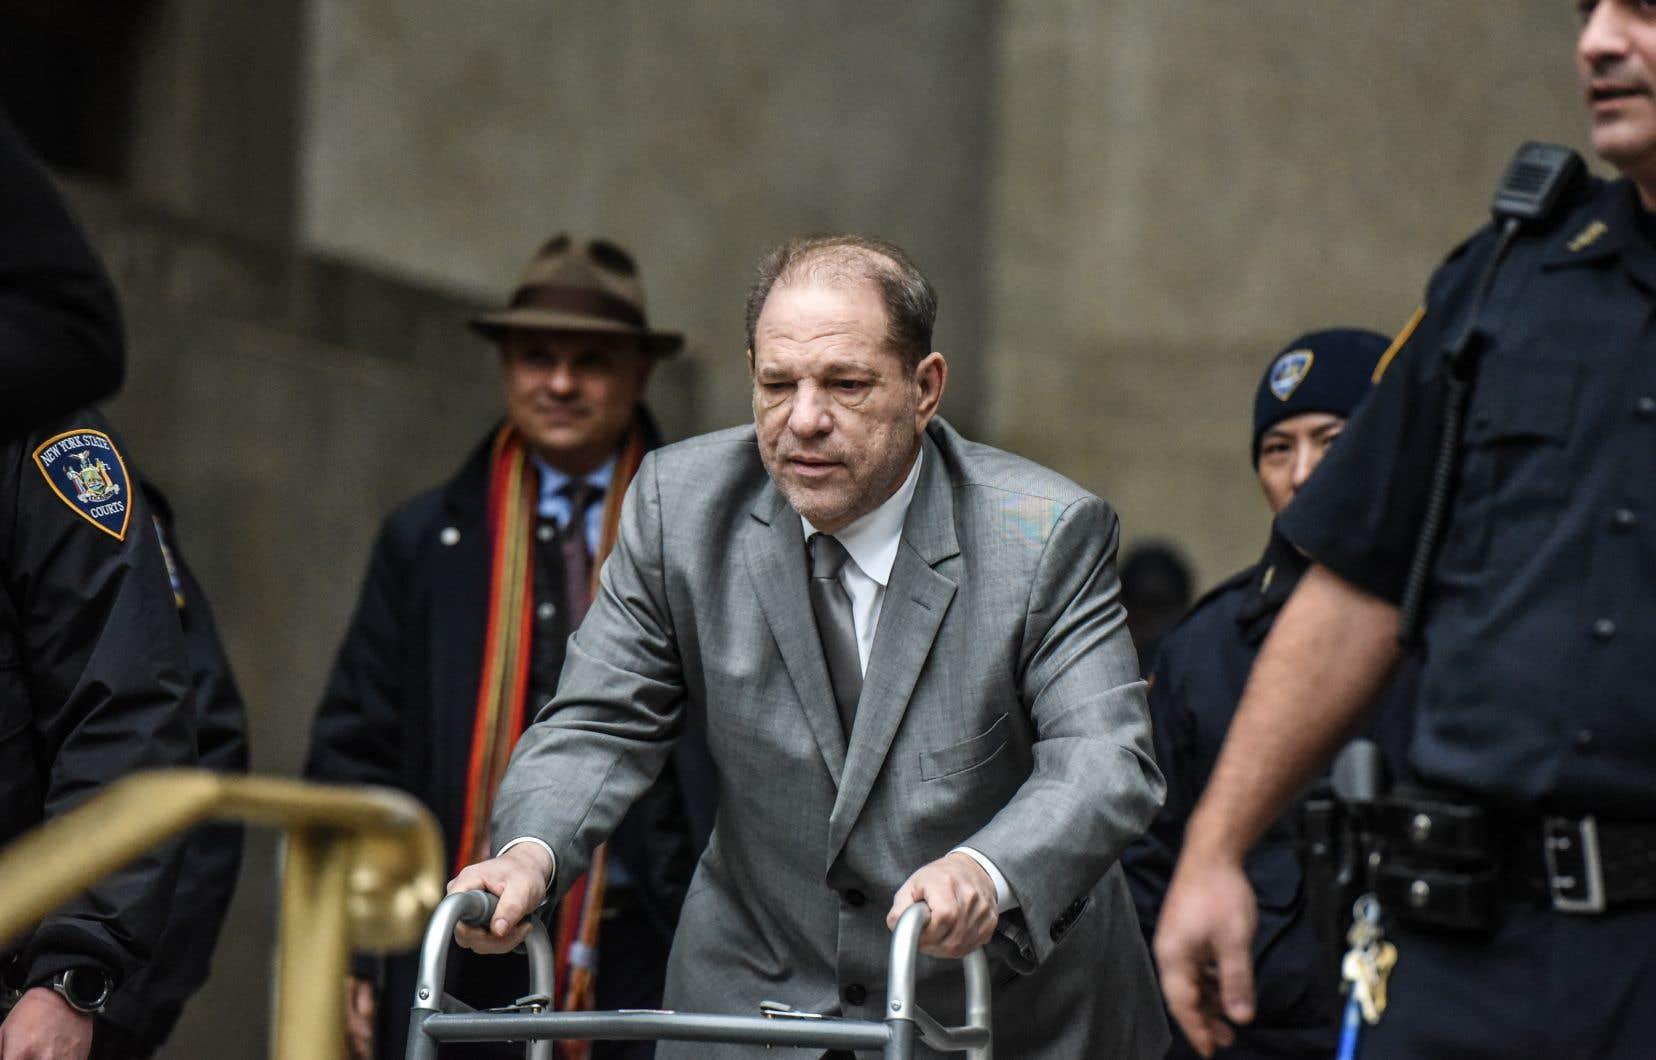 Lundi, alors qu'elles manifestaient lors de l'ouverture du procès du producteur pour viol et agression sexuelle, plusieurs de ses accusatrices ne cachaient pas leur scepticisme après avoir vu Weinstein courbé sur sa marchette.